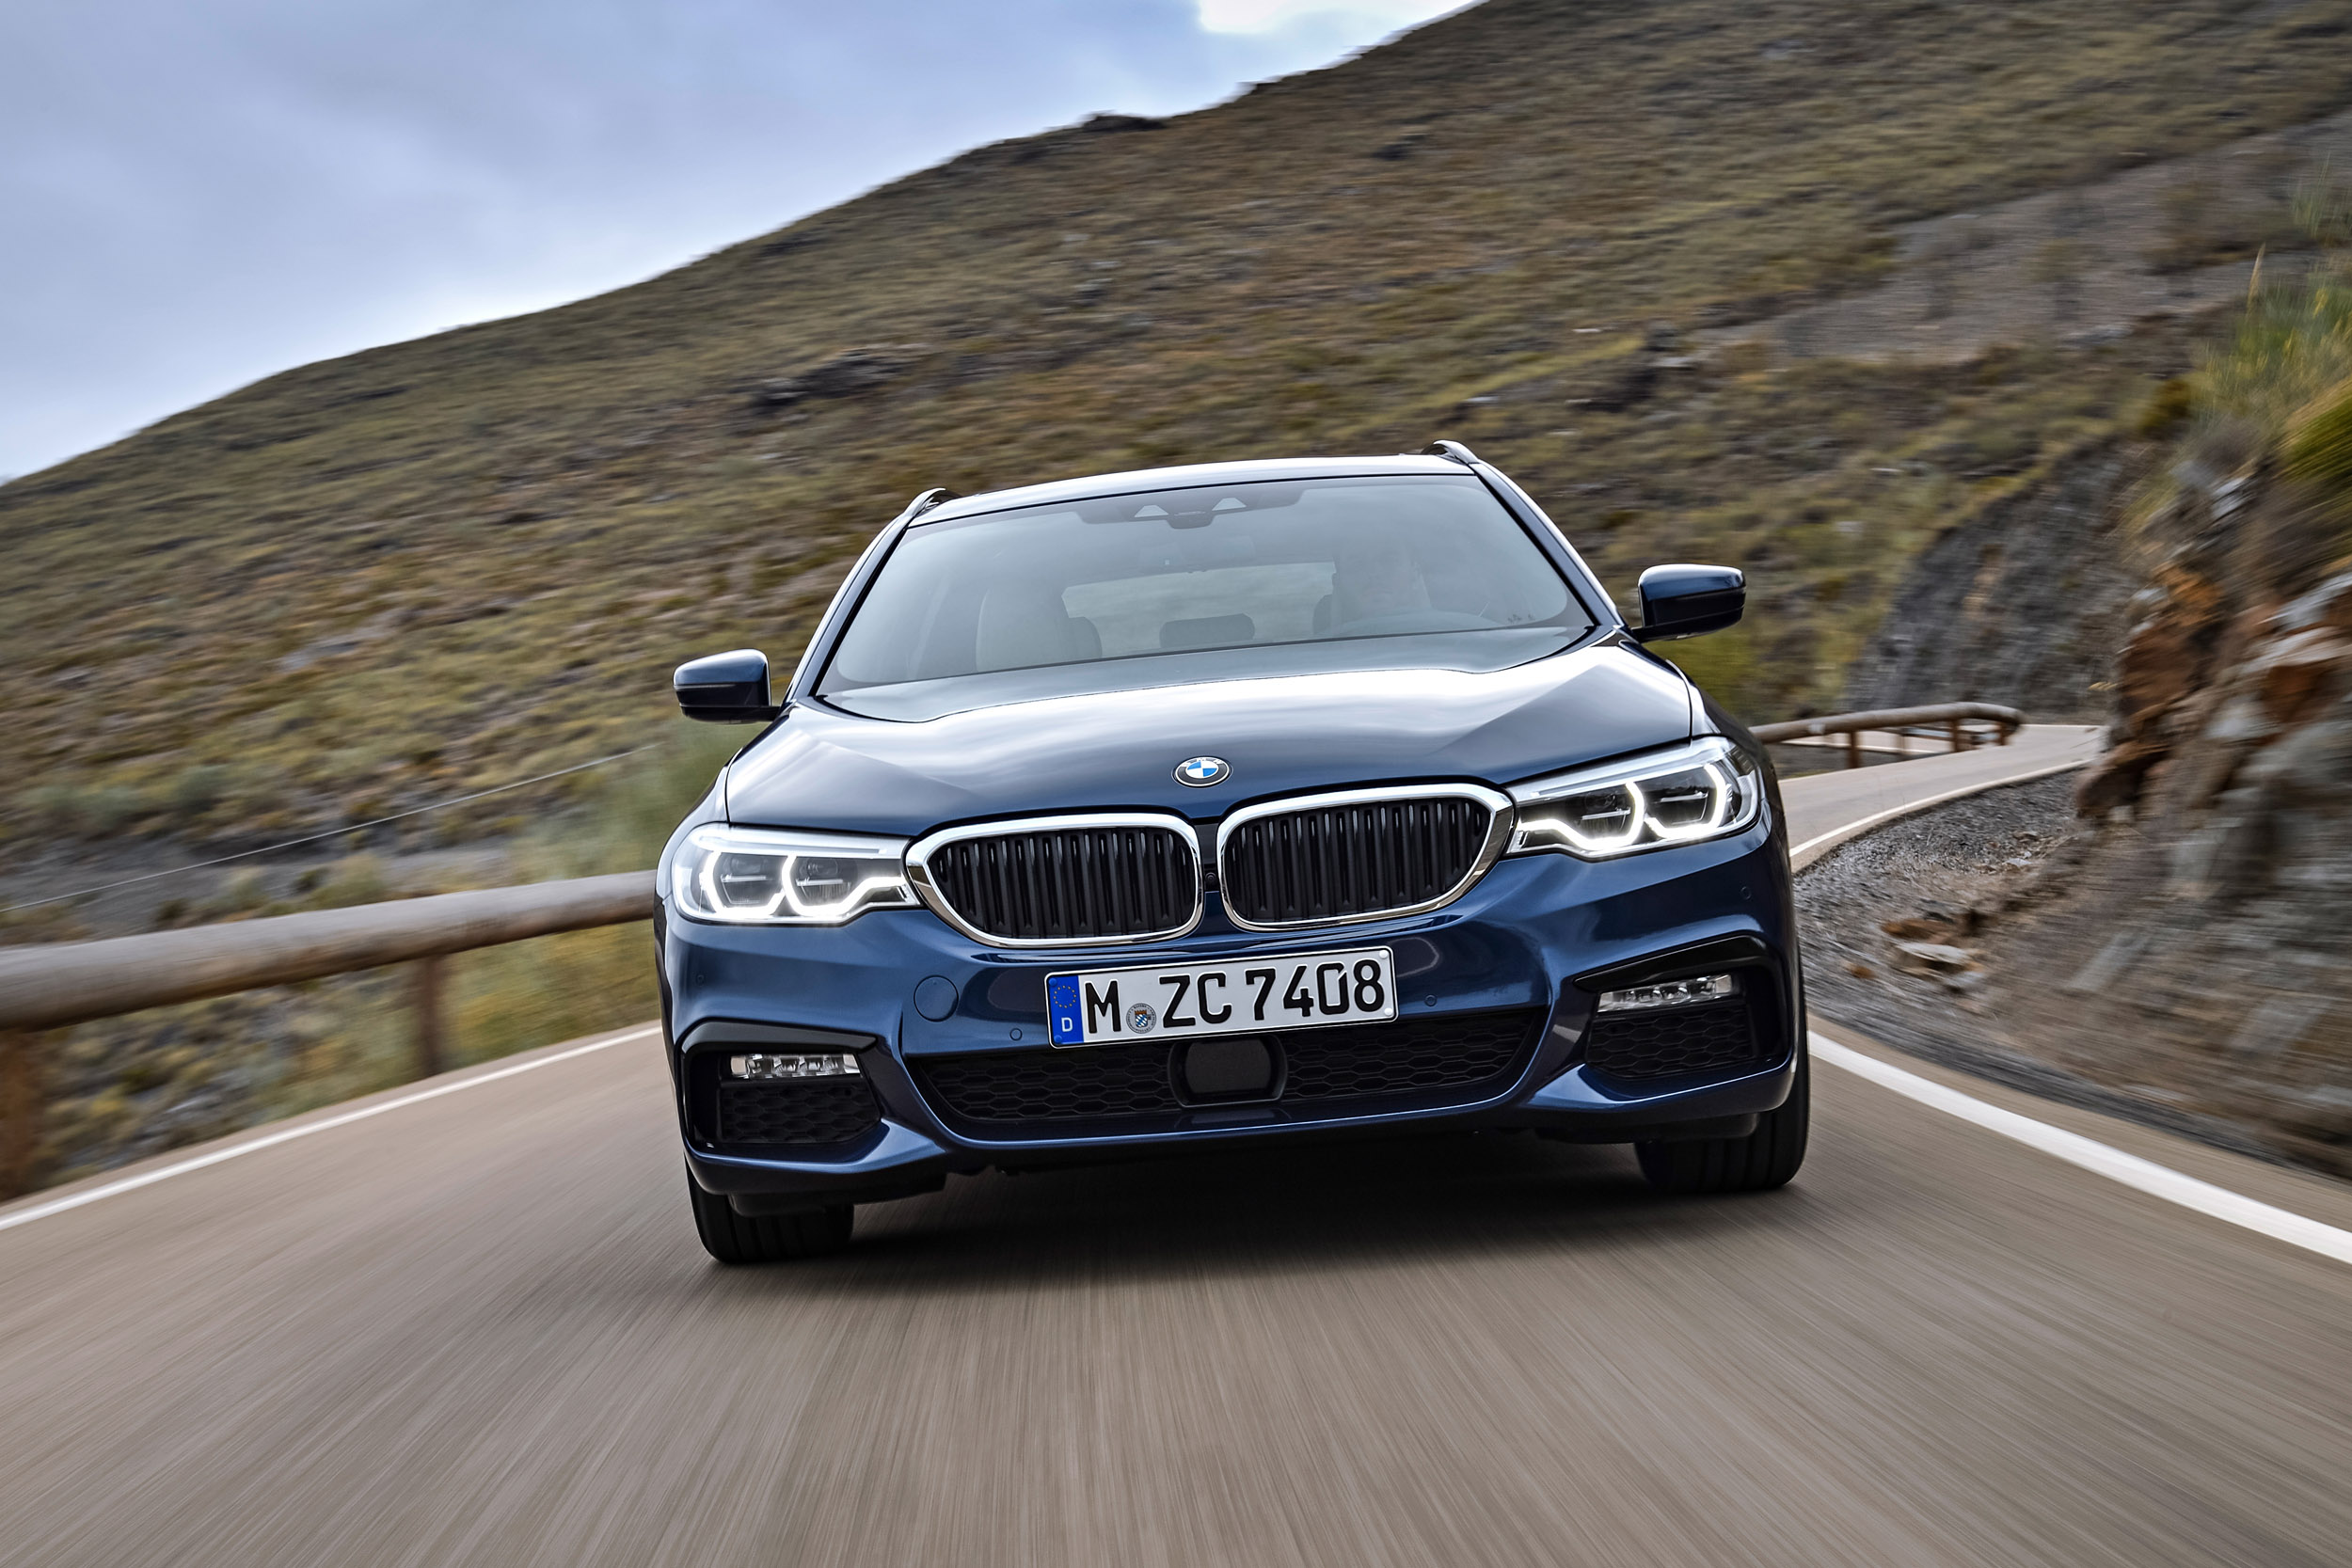 BMW OSL Prestige